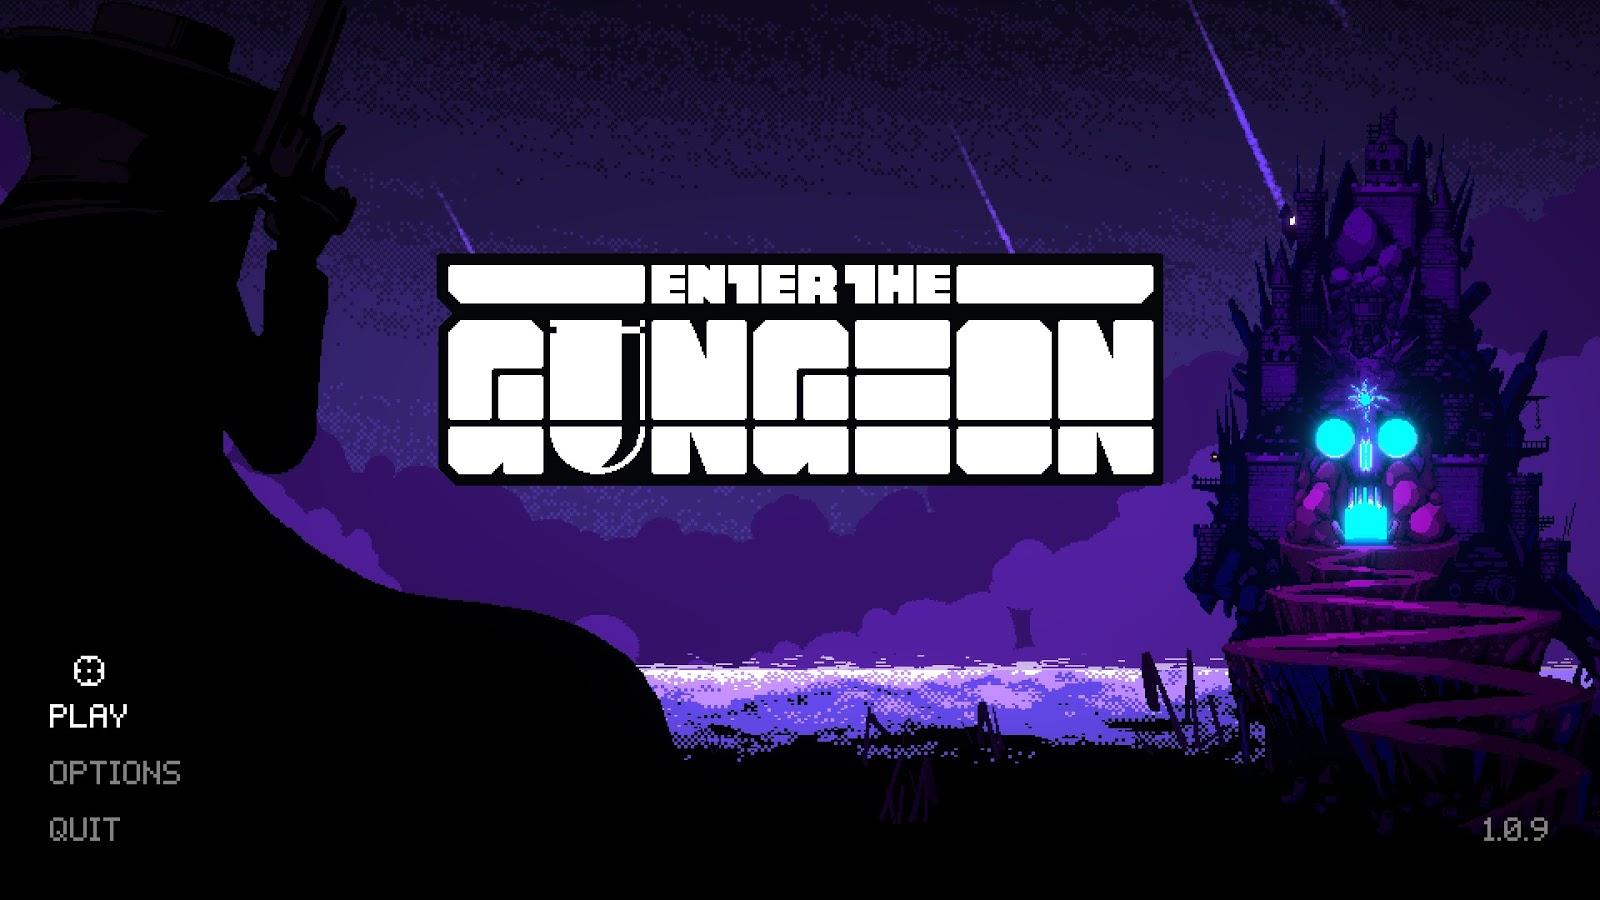 скачать enter the gungeon бесплатно